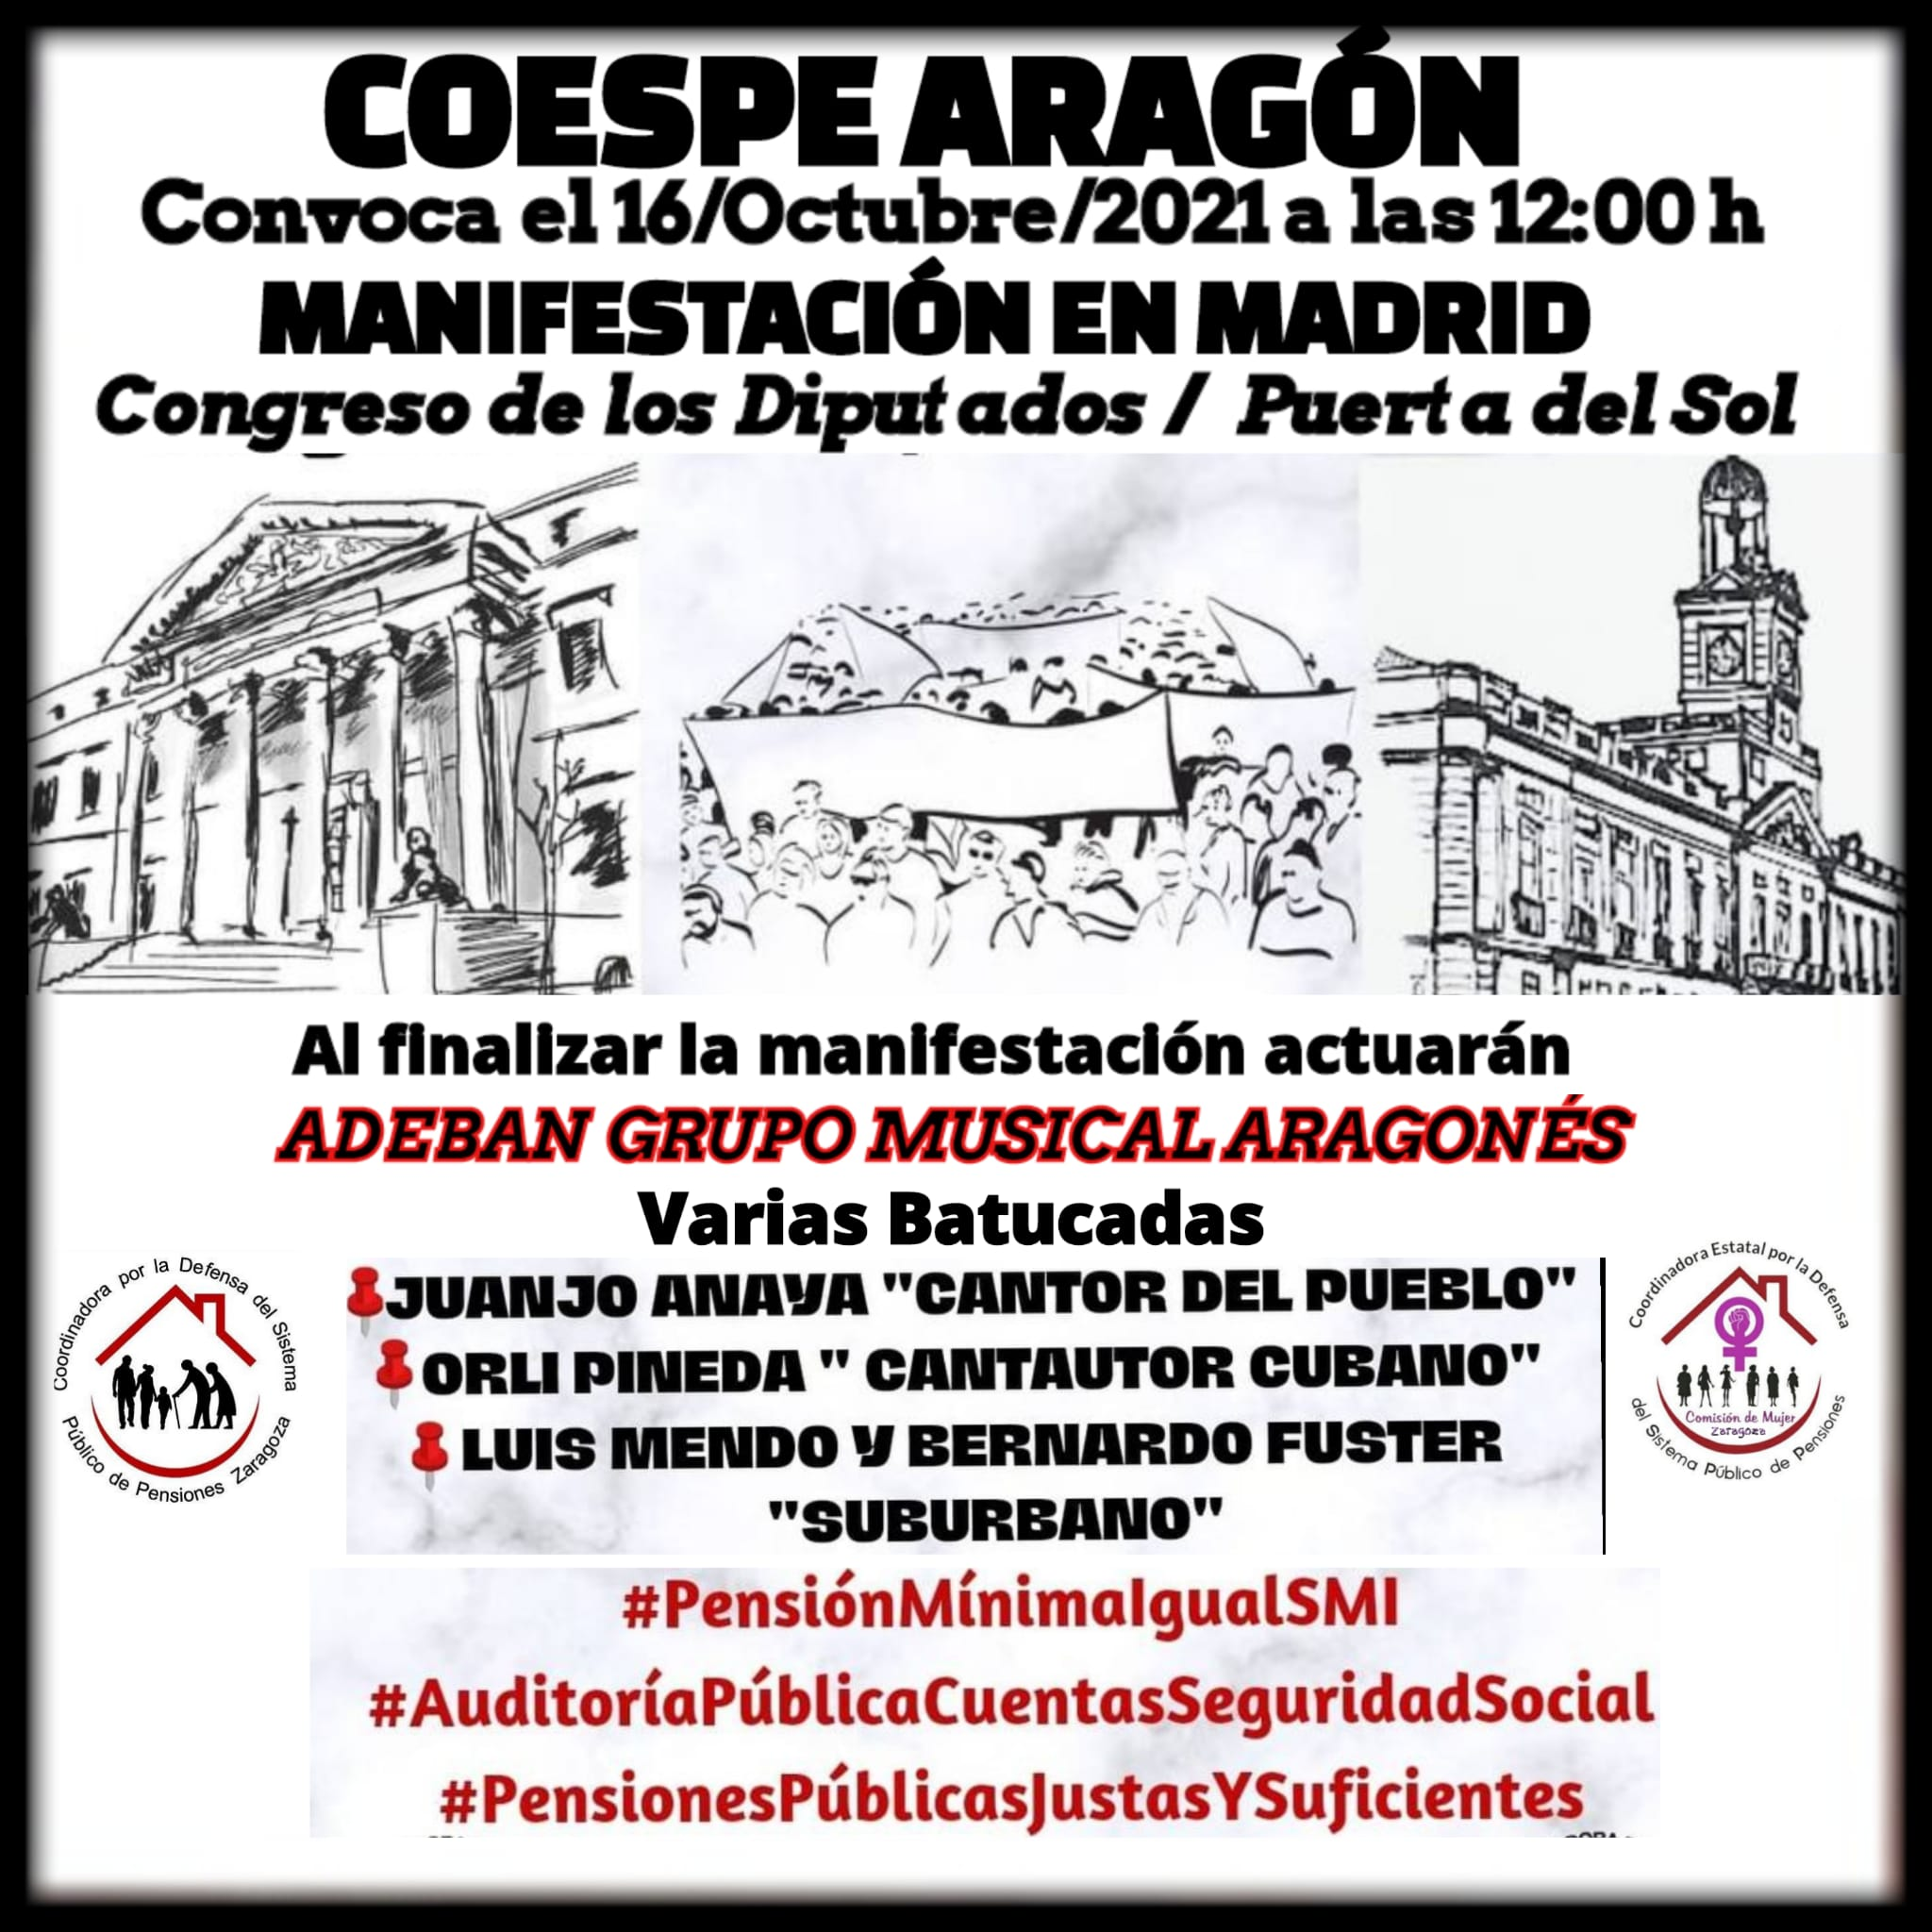 ¡PAREMOS LA REFORMA DE LAS PENSIONES Y LOS RECORTES SOCIALES! Sábado 16O, movilizaciones en Madrid